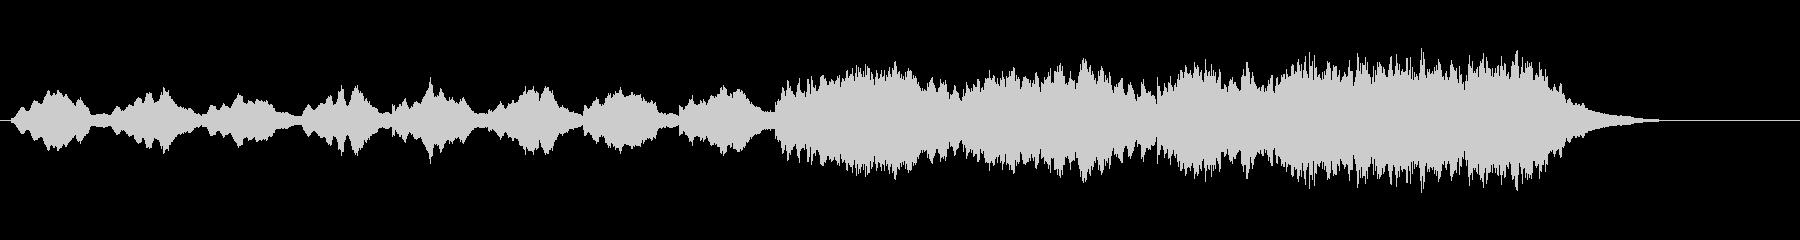 環境音楽(幻想的な雰囲気)の未再生の波形